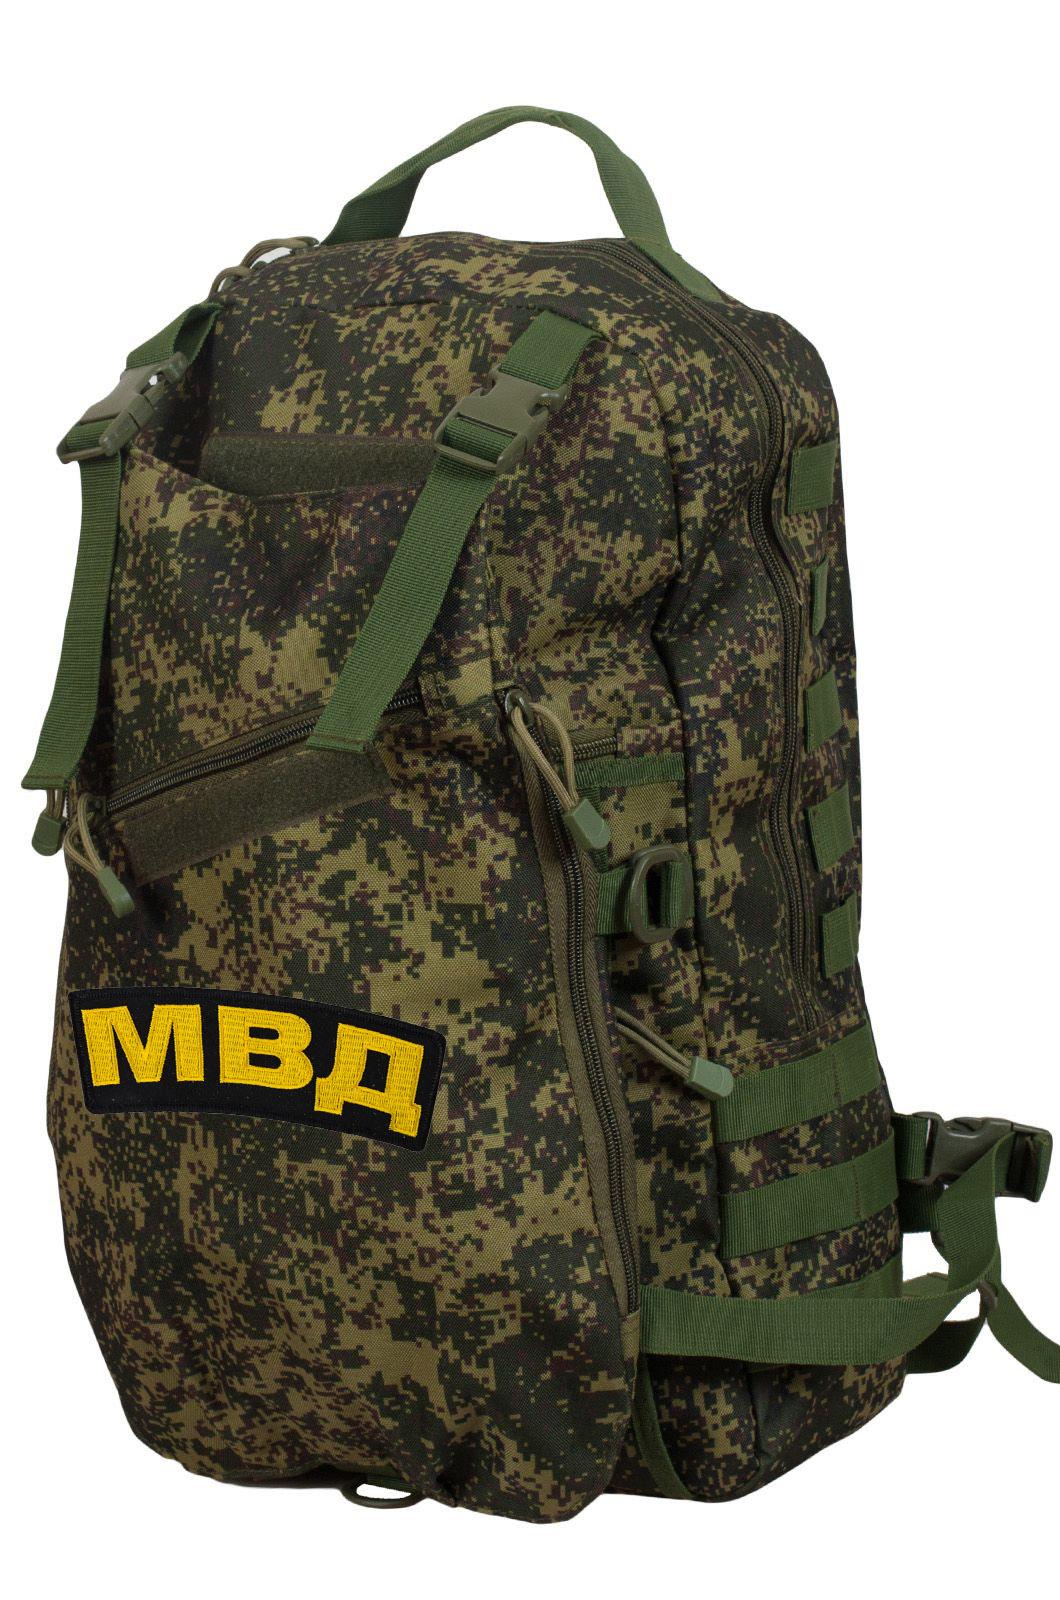 Камуфляжный однодневный рюкзак с нашивкой МВД - купить с доставкой